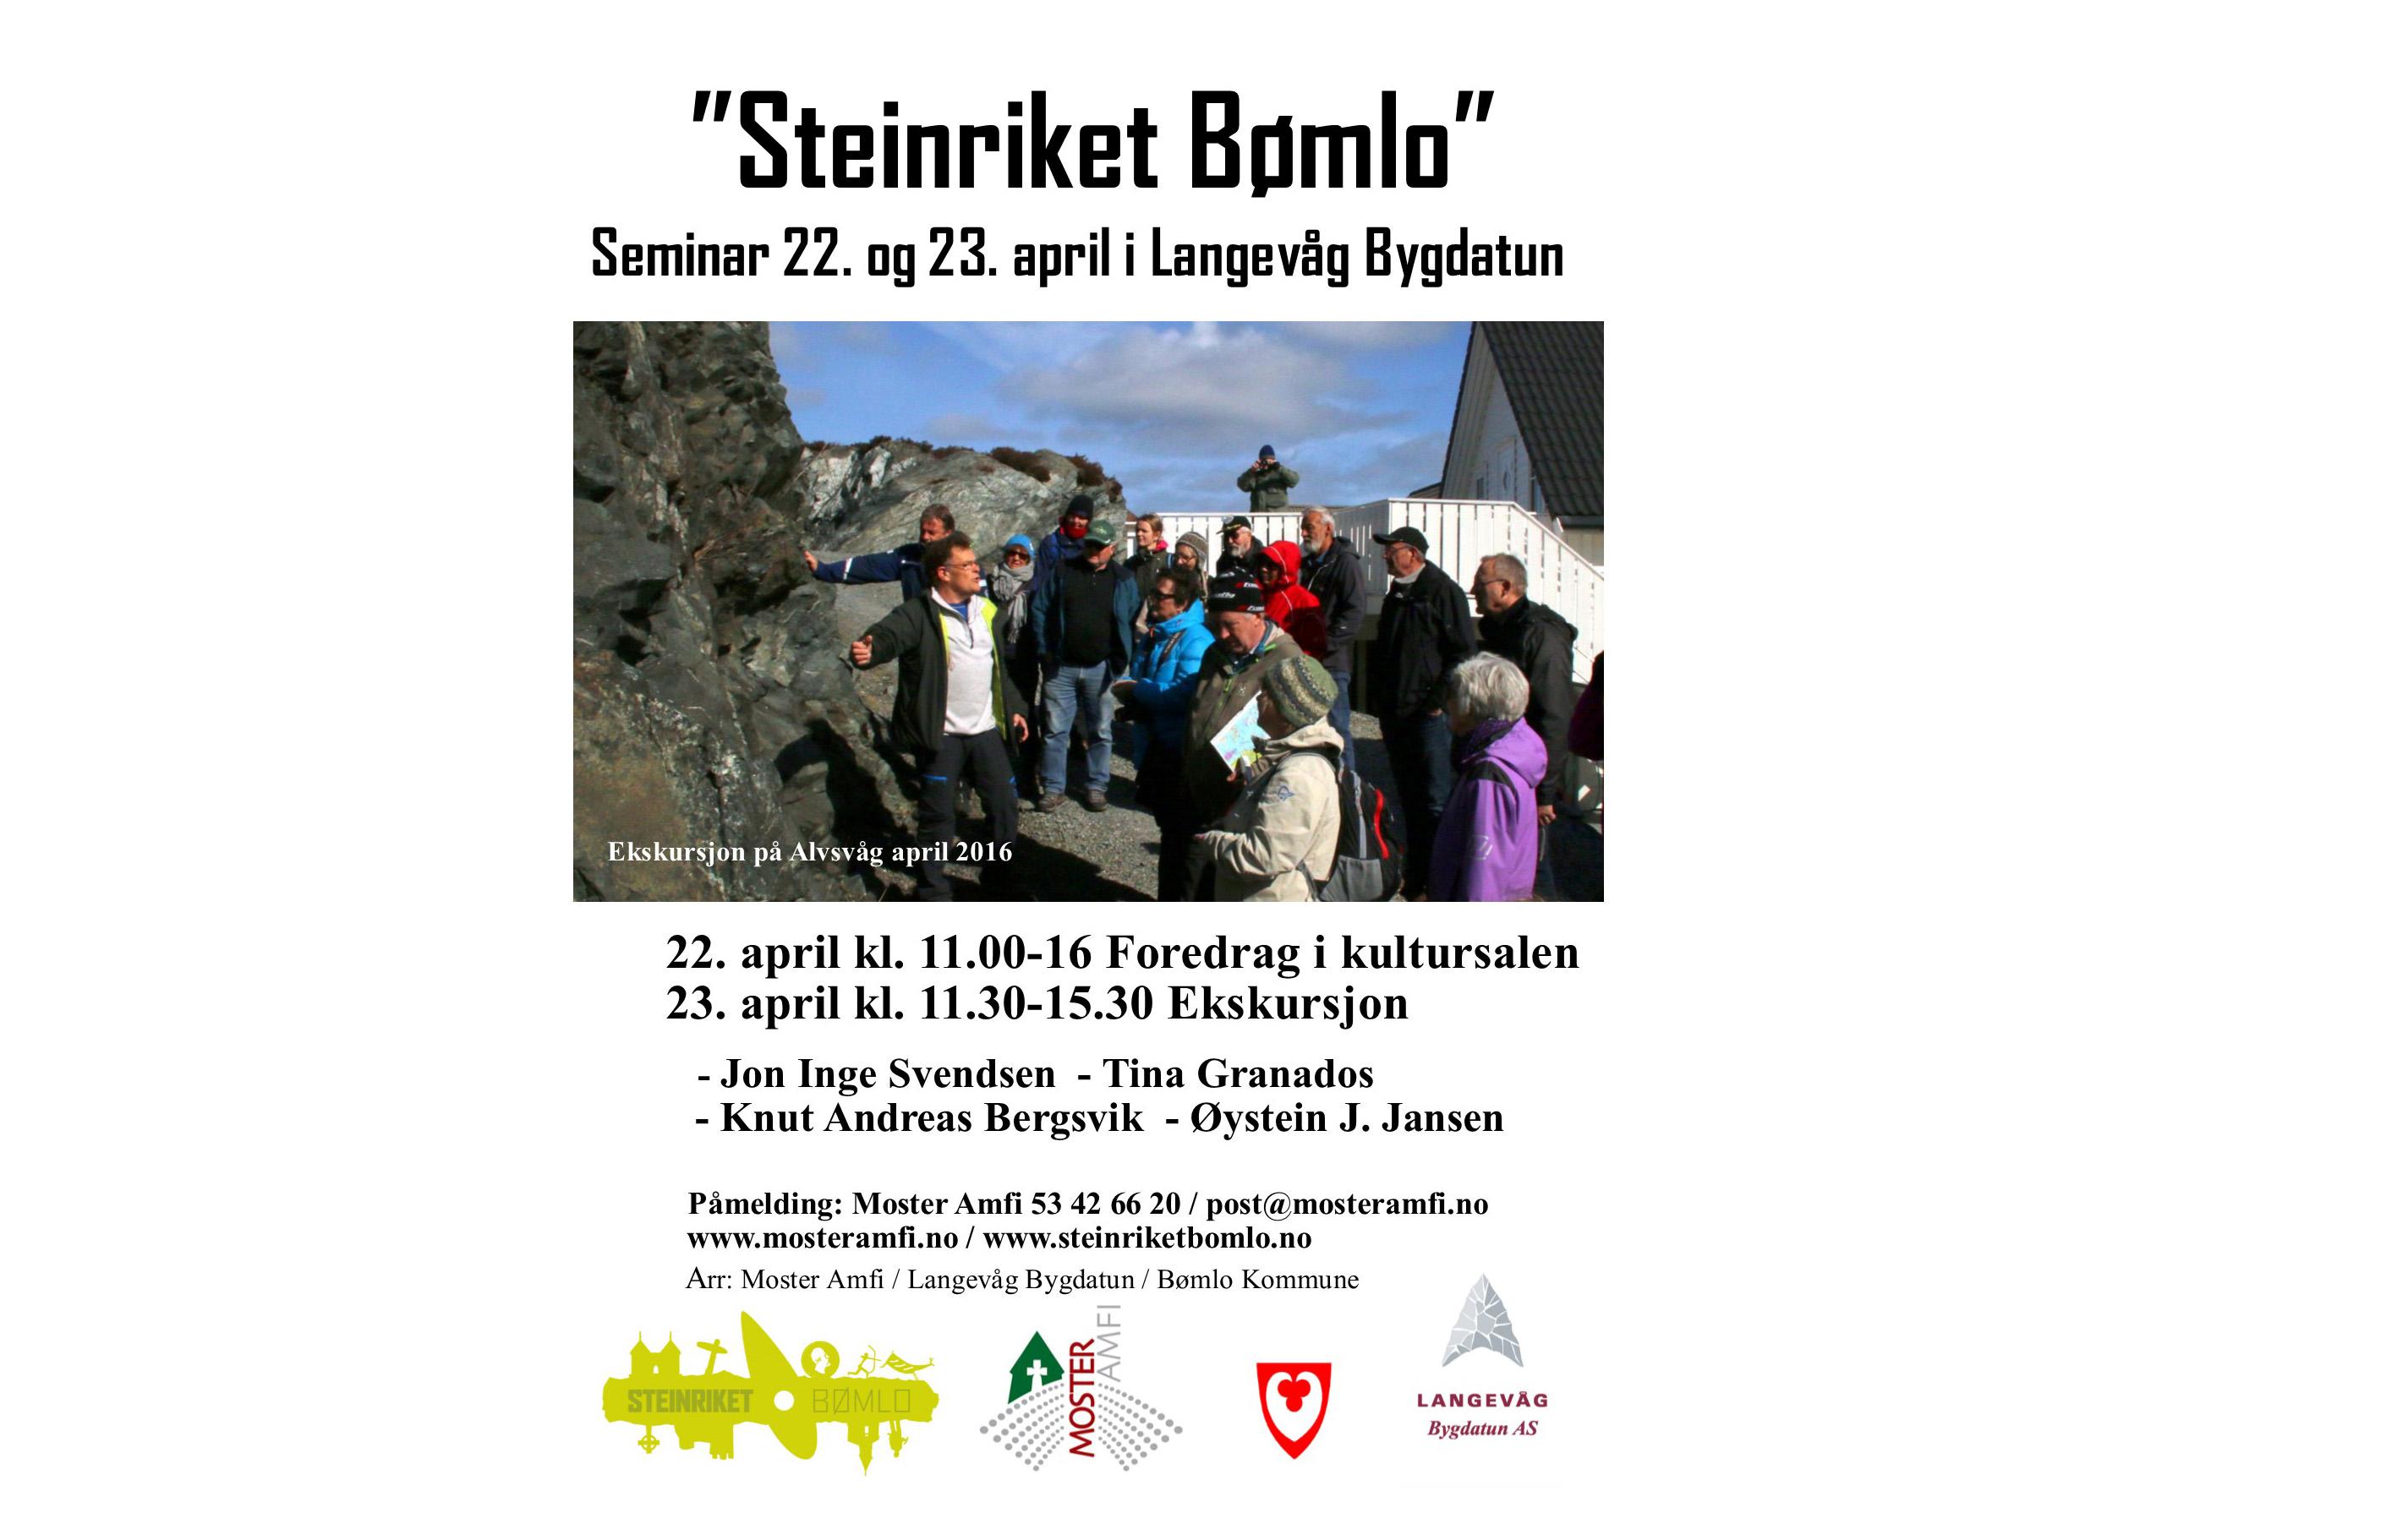 Steinriket Bømlo - seminar